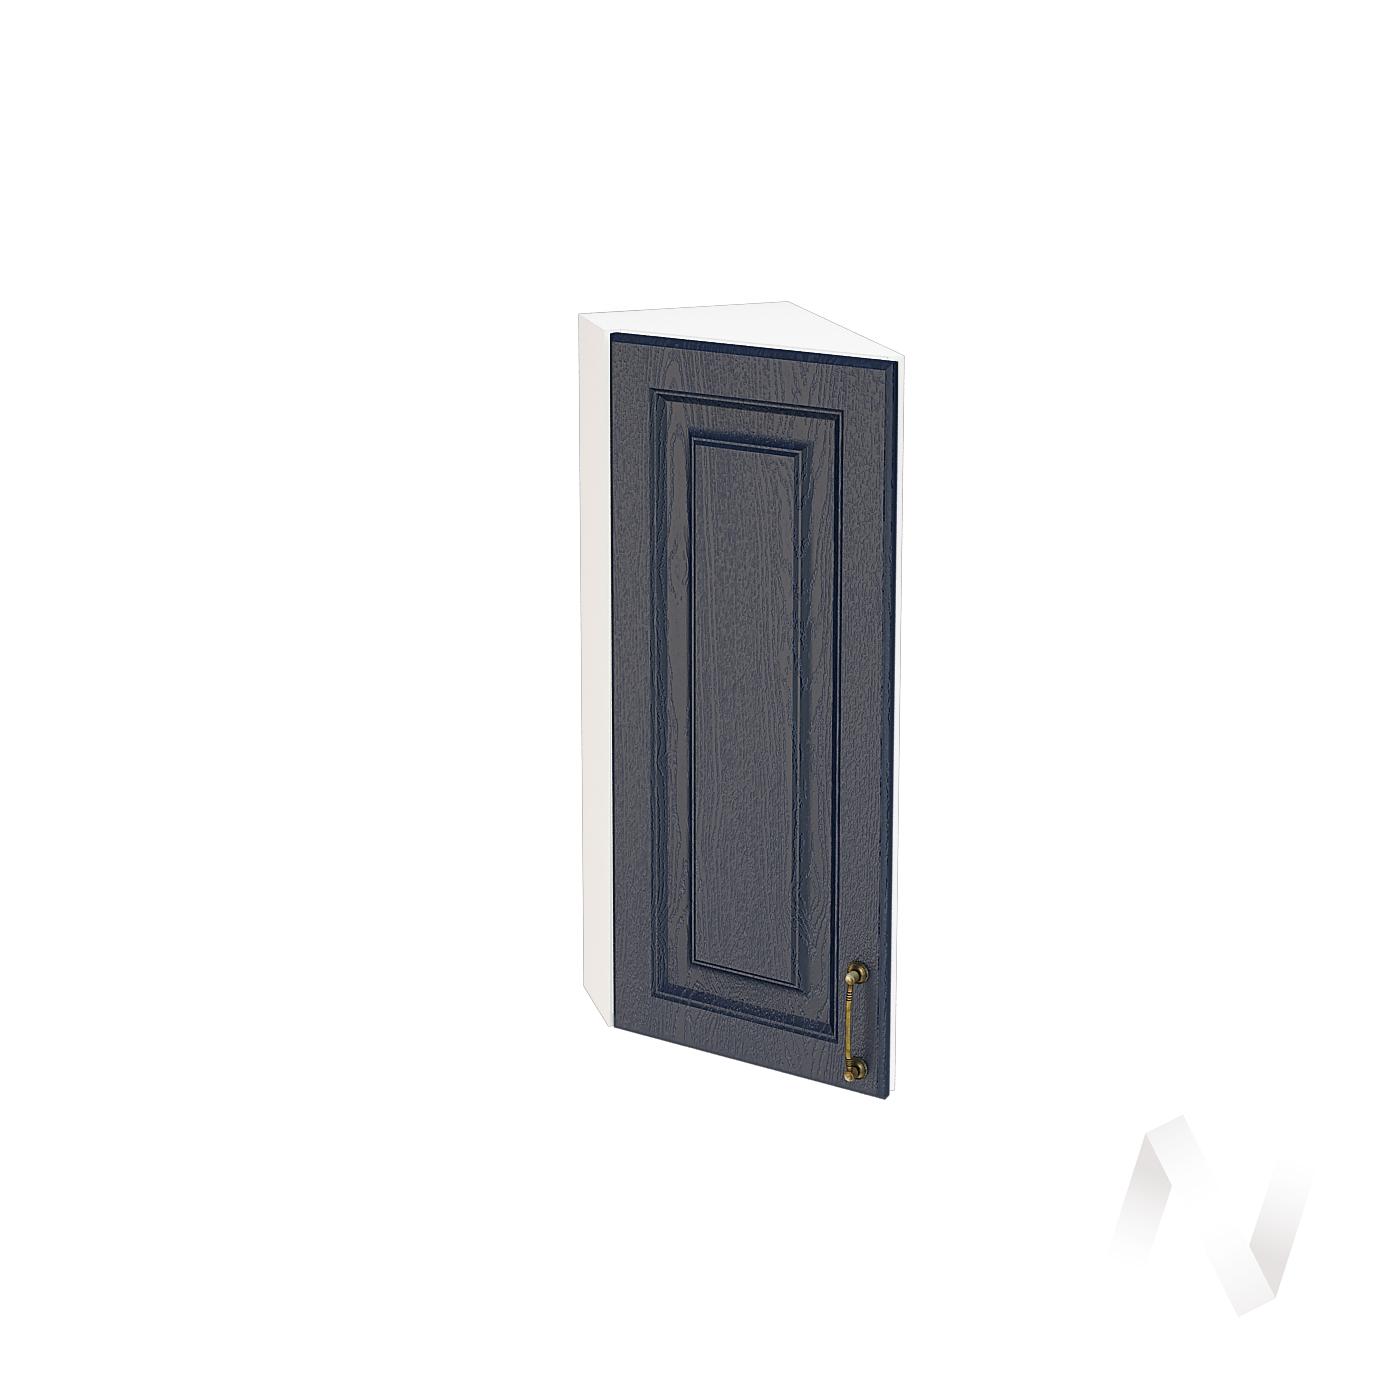 """Кухня """"Ницца"""": Шкаф верхний торцевой 224, ШВТ 224 (Дуб чернильный/корпус белый)"""